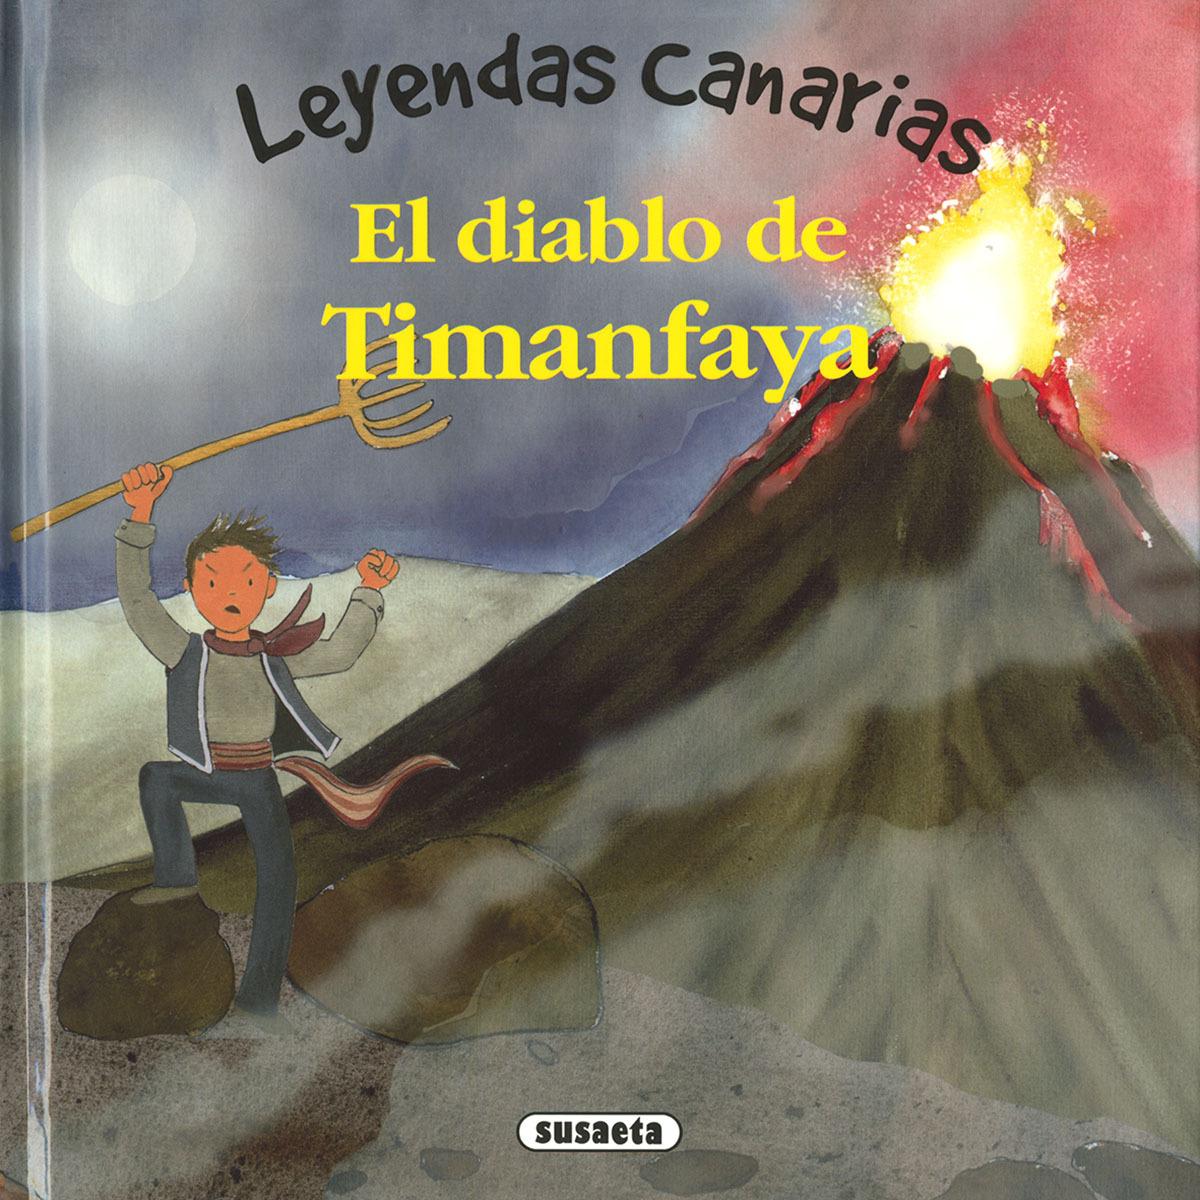 El diablo de Timanfaya